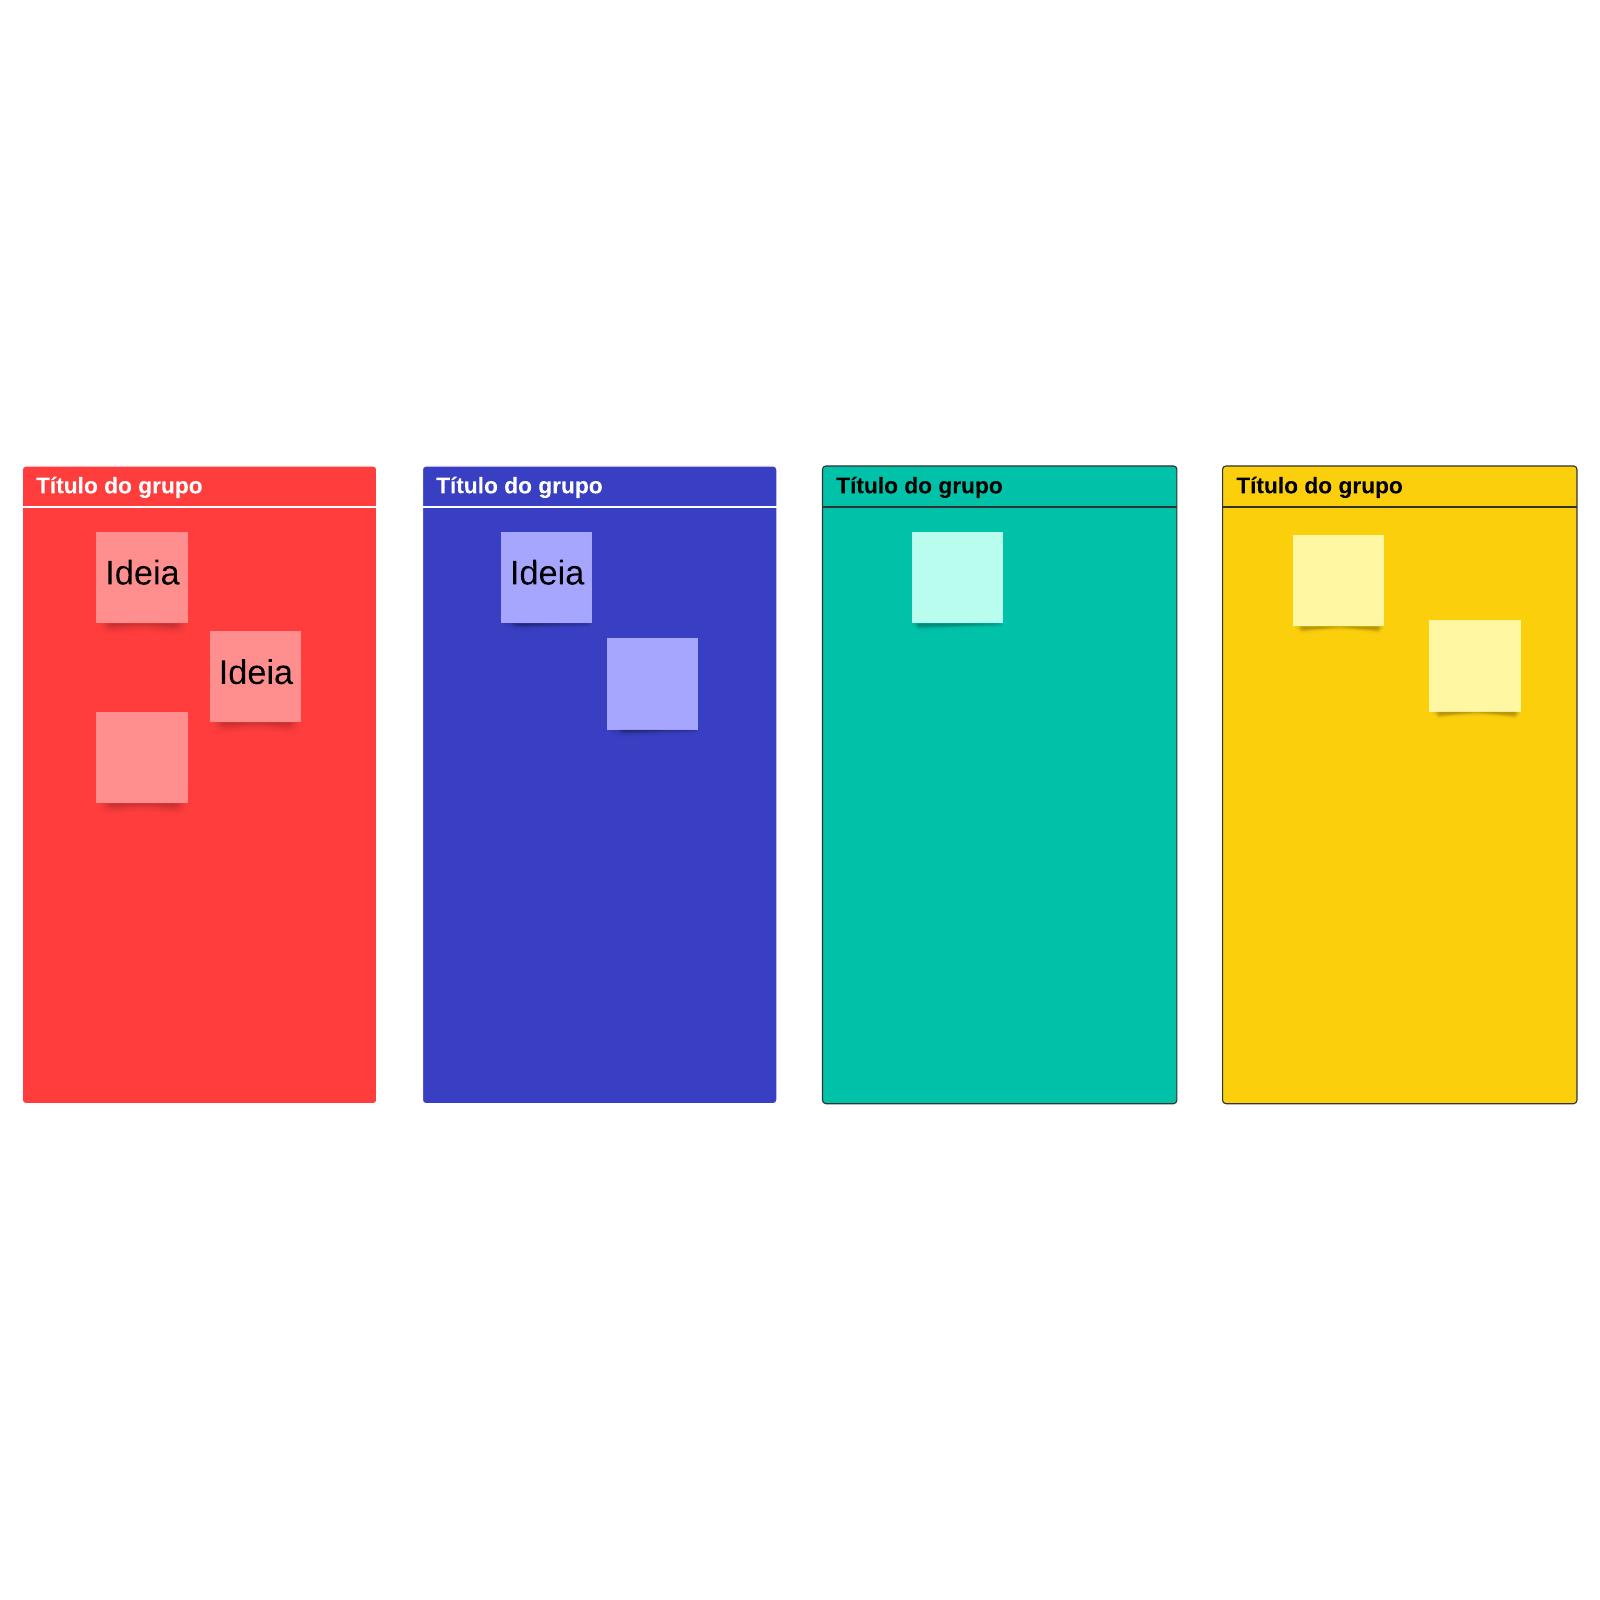 Exemplo de diagrama de afinidades layout